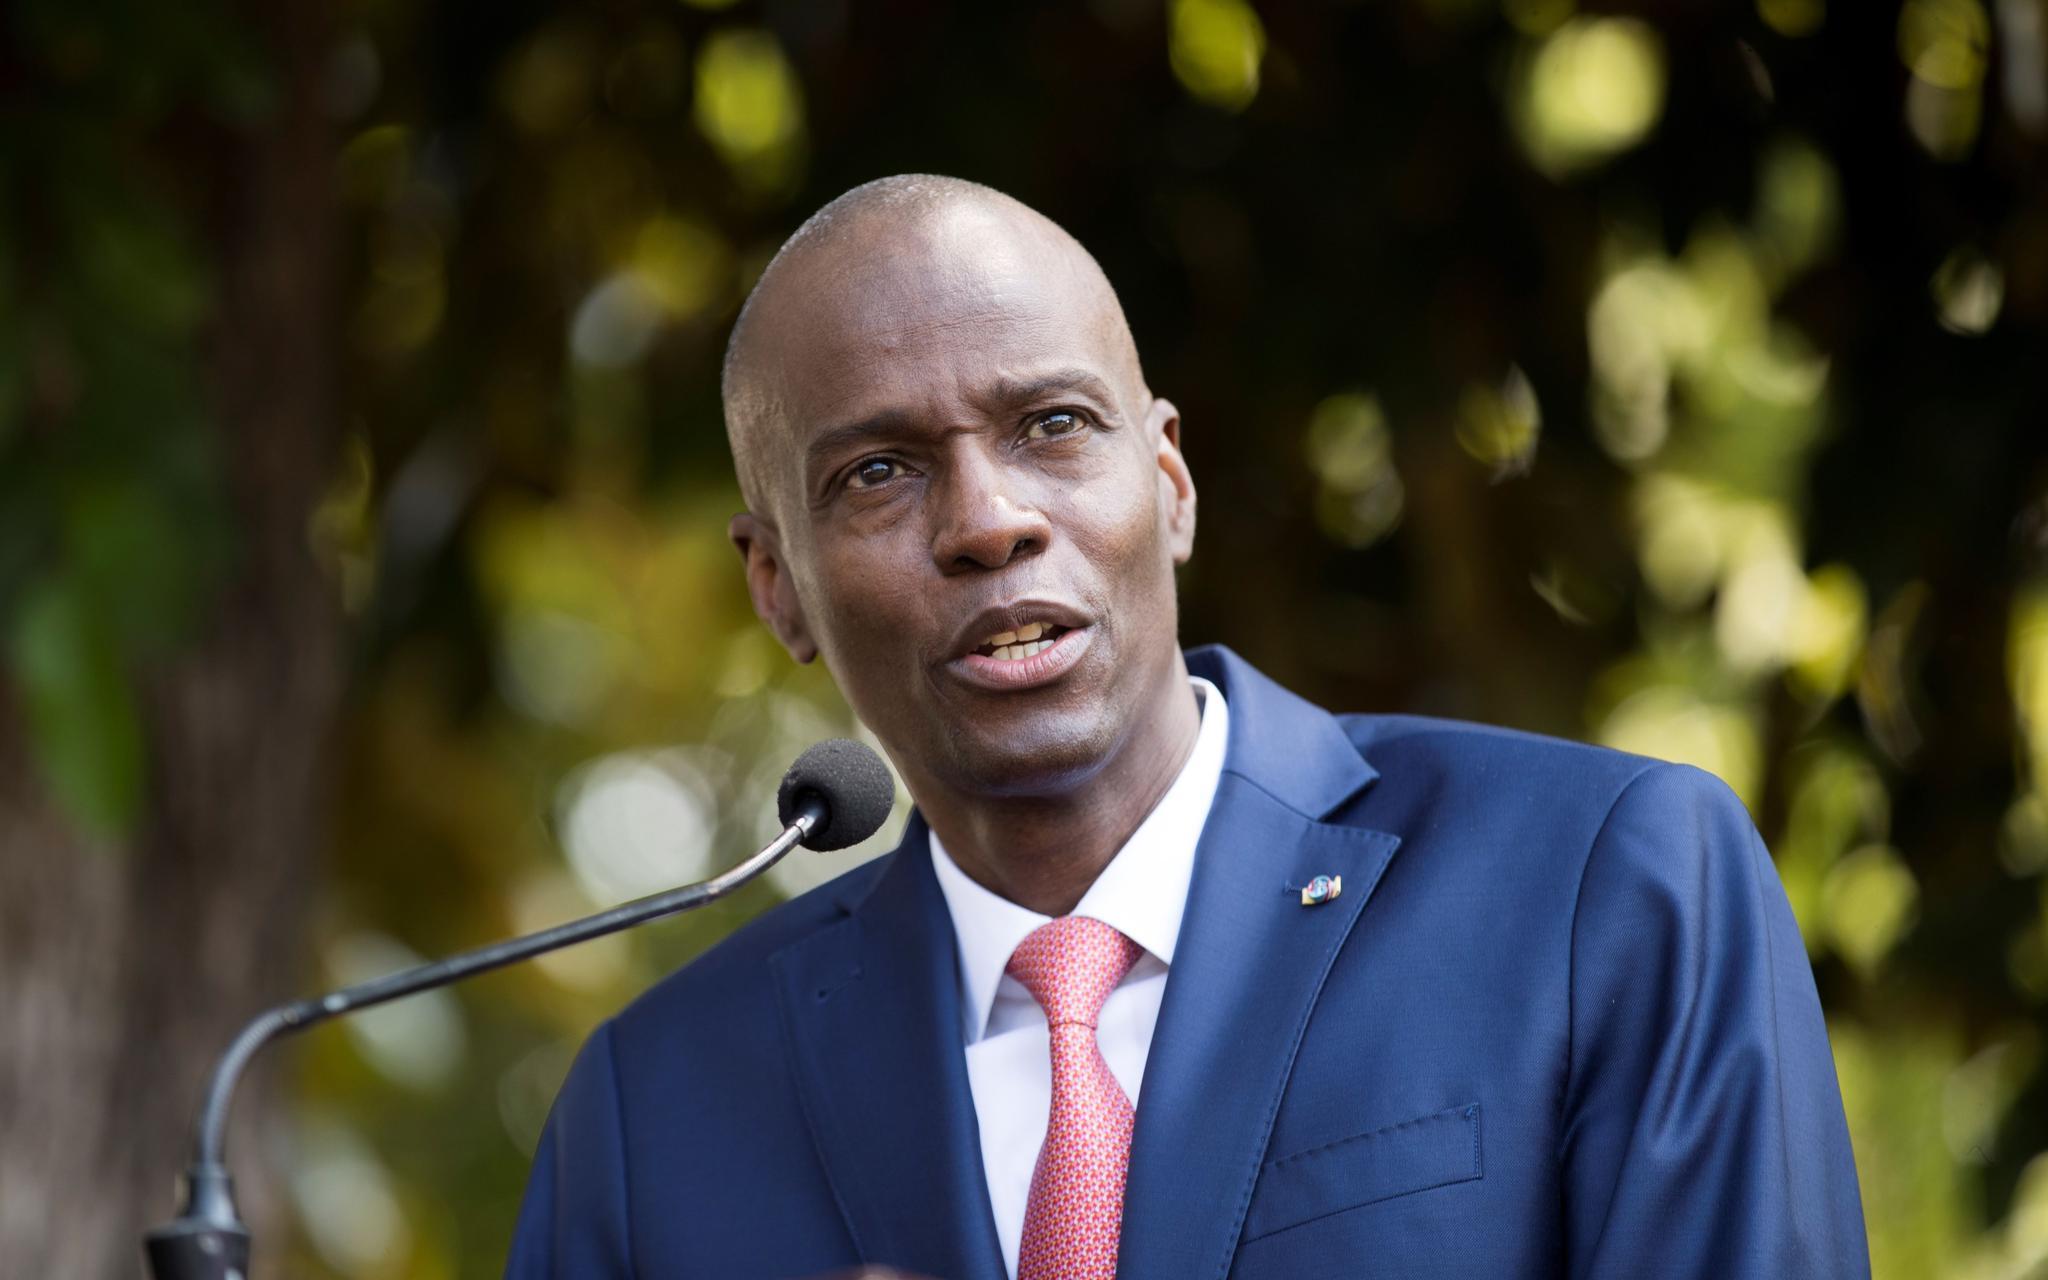 海地总统遇刺后四大疑问